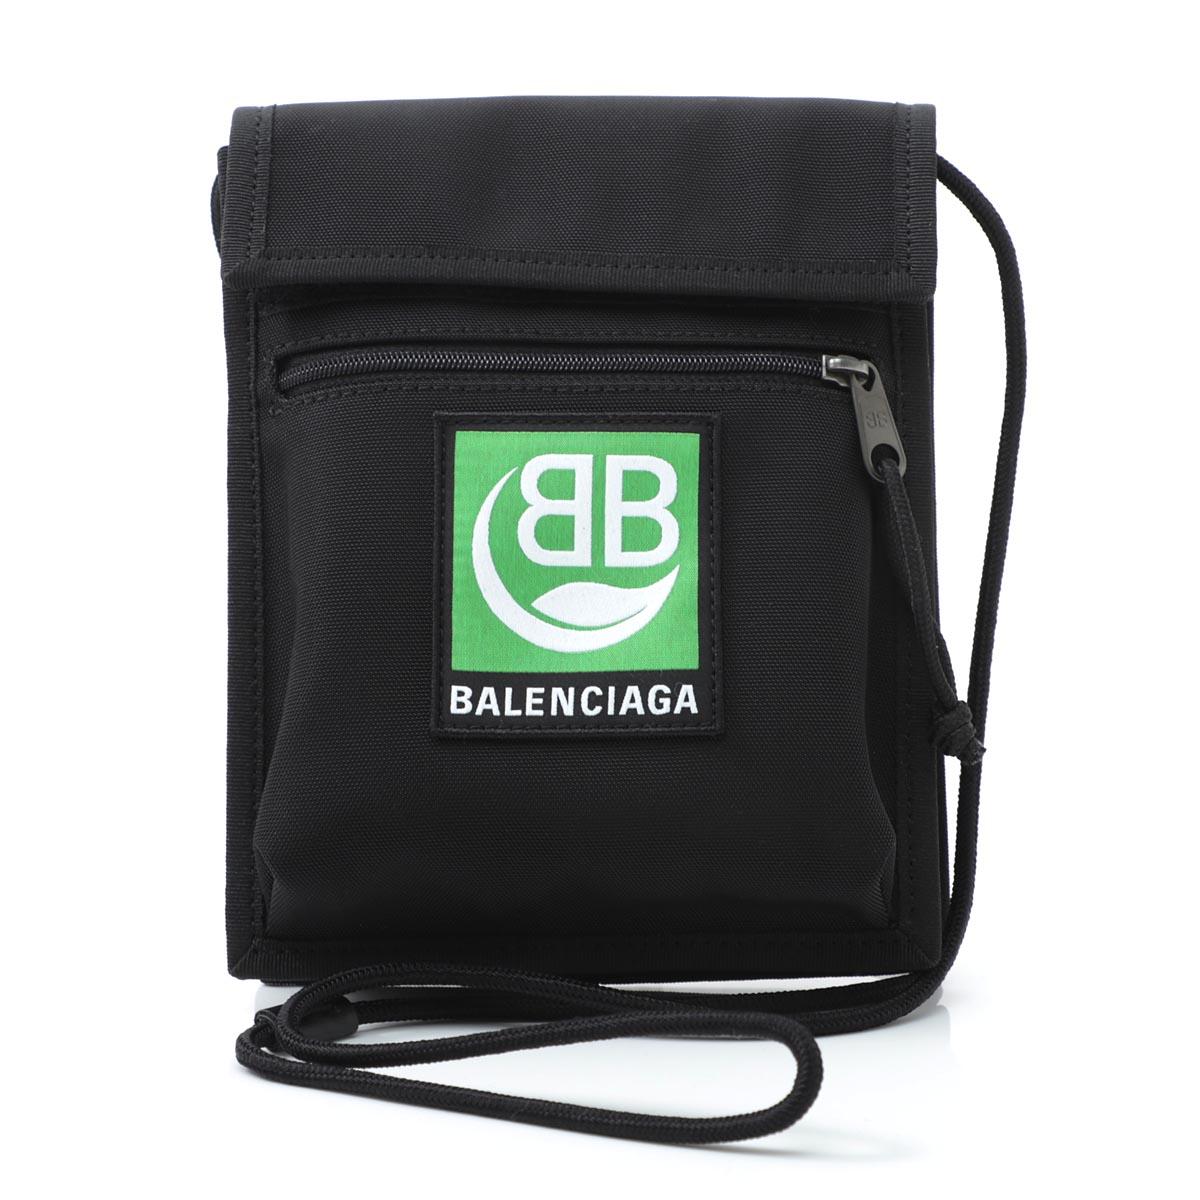 メンズバッグ, ボディバッグ・ウエストポーチ  BALENCIAGA 532298 9wb95 1000 EXPLORER POUCH STRAP